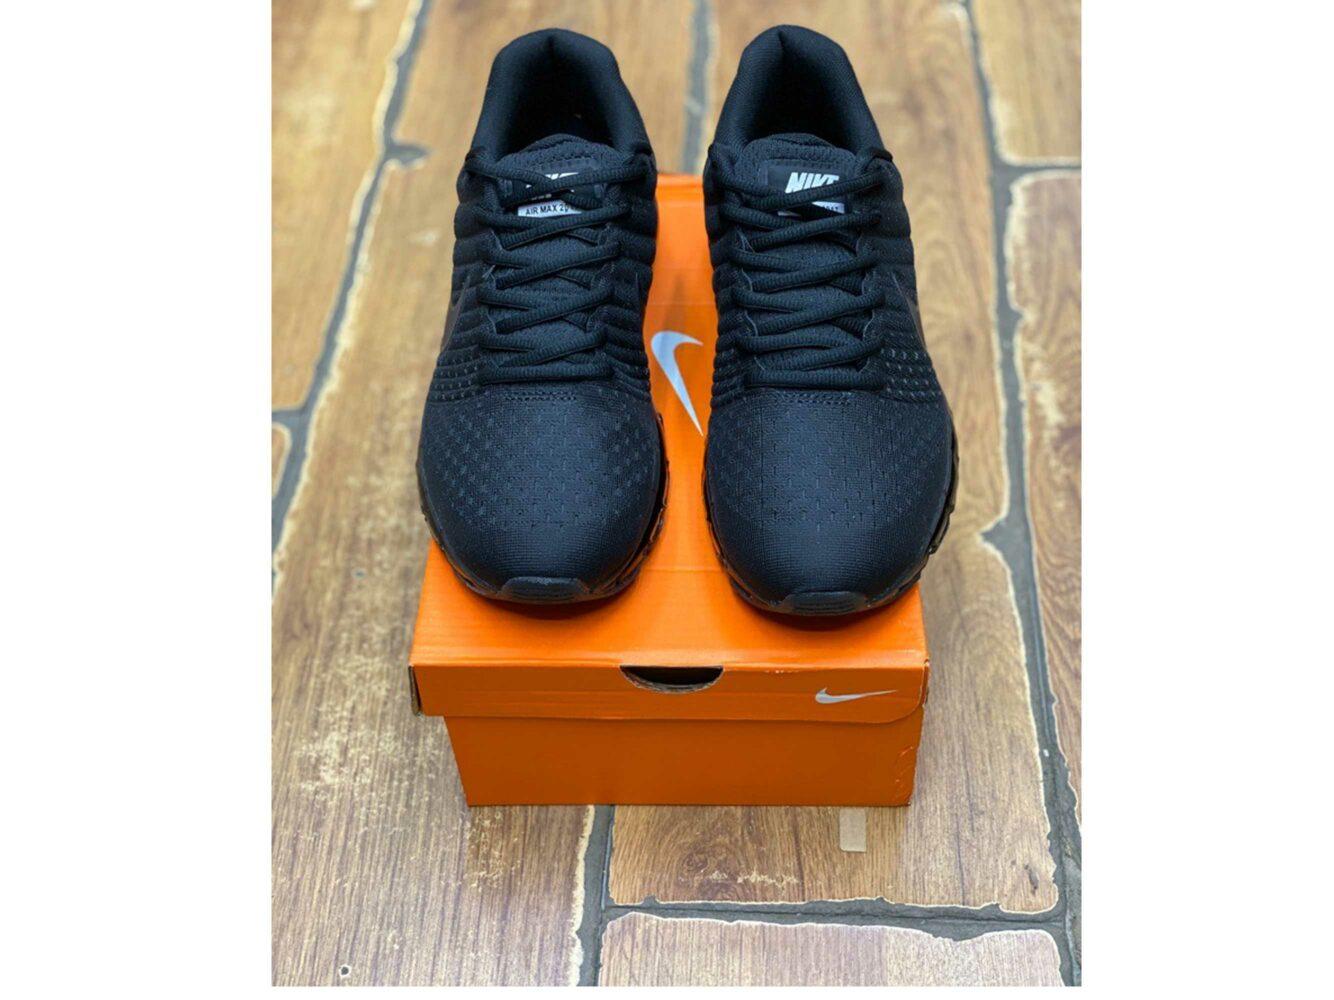 nike air max 2017 black 849559_004 купить